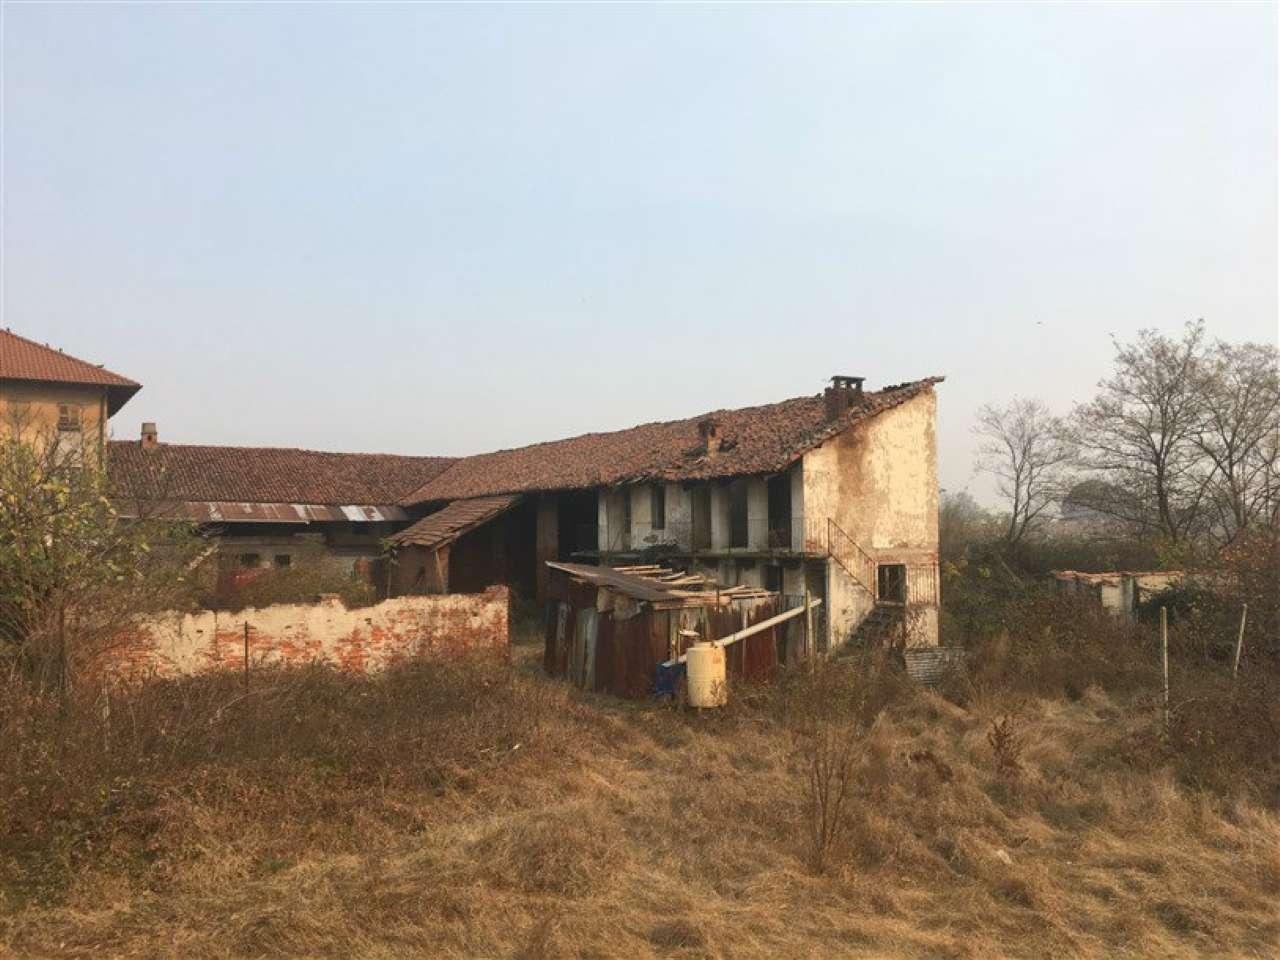 Rustico / Casale da ristrutturare in vendita Rif. 5172560